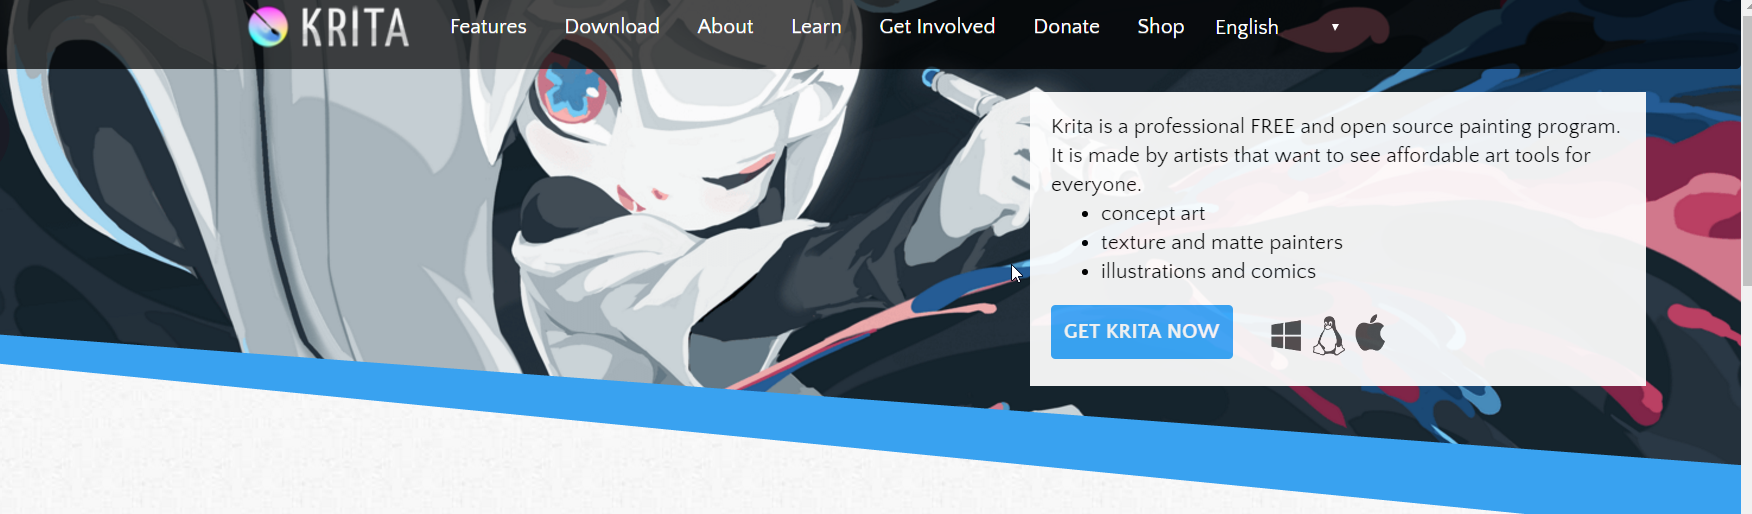 Krita home page screenshot